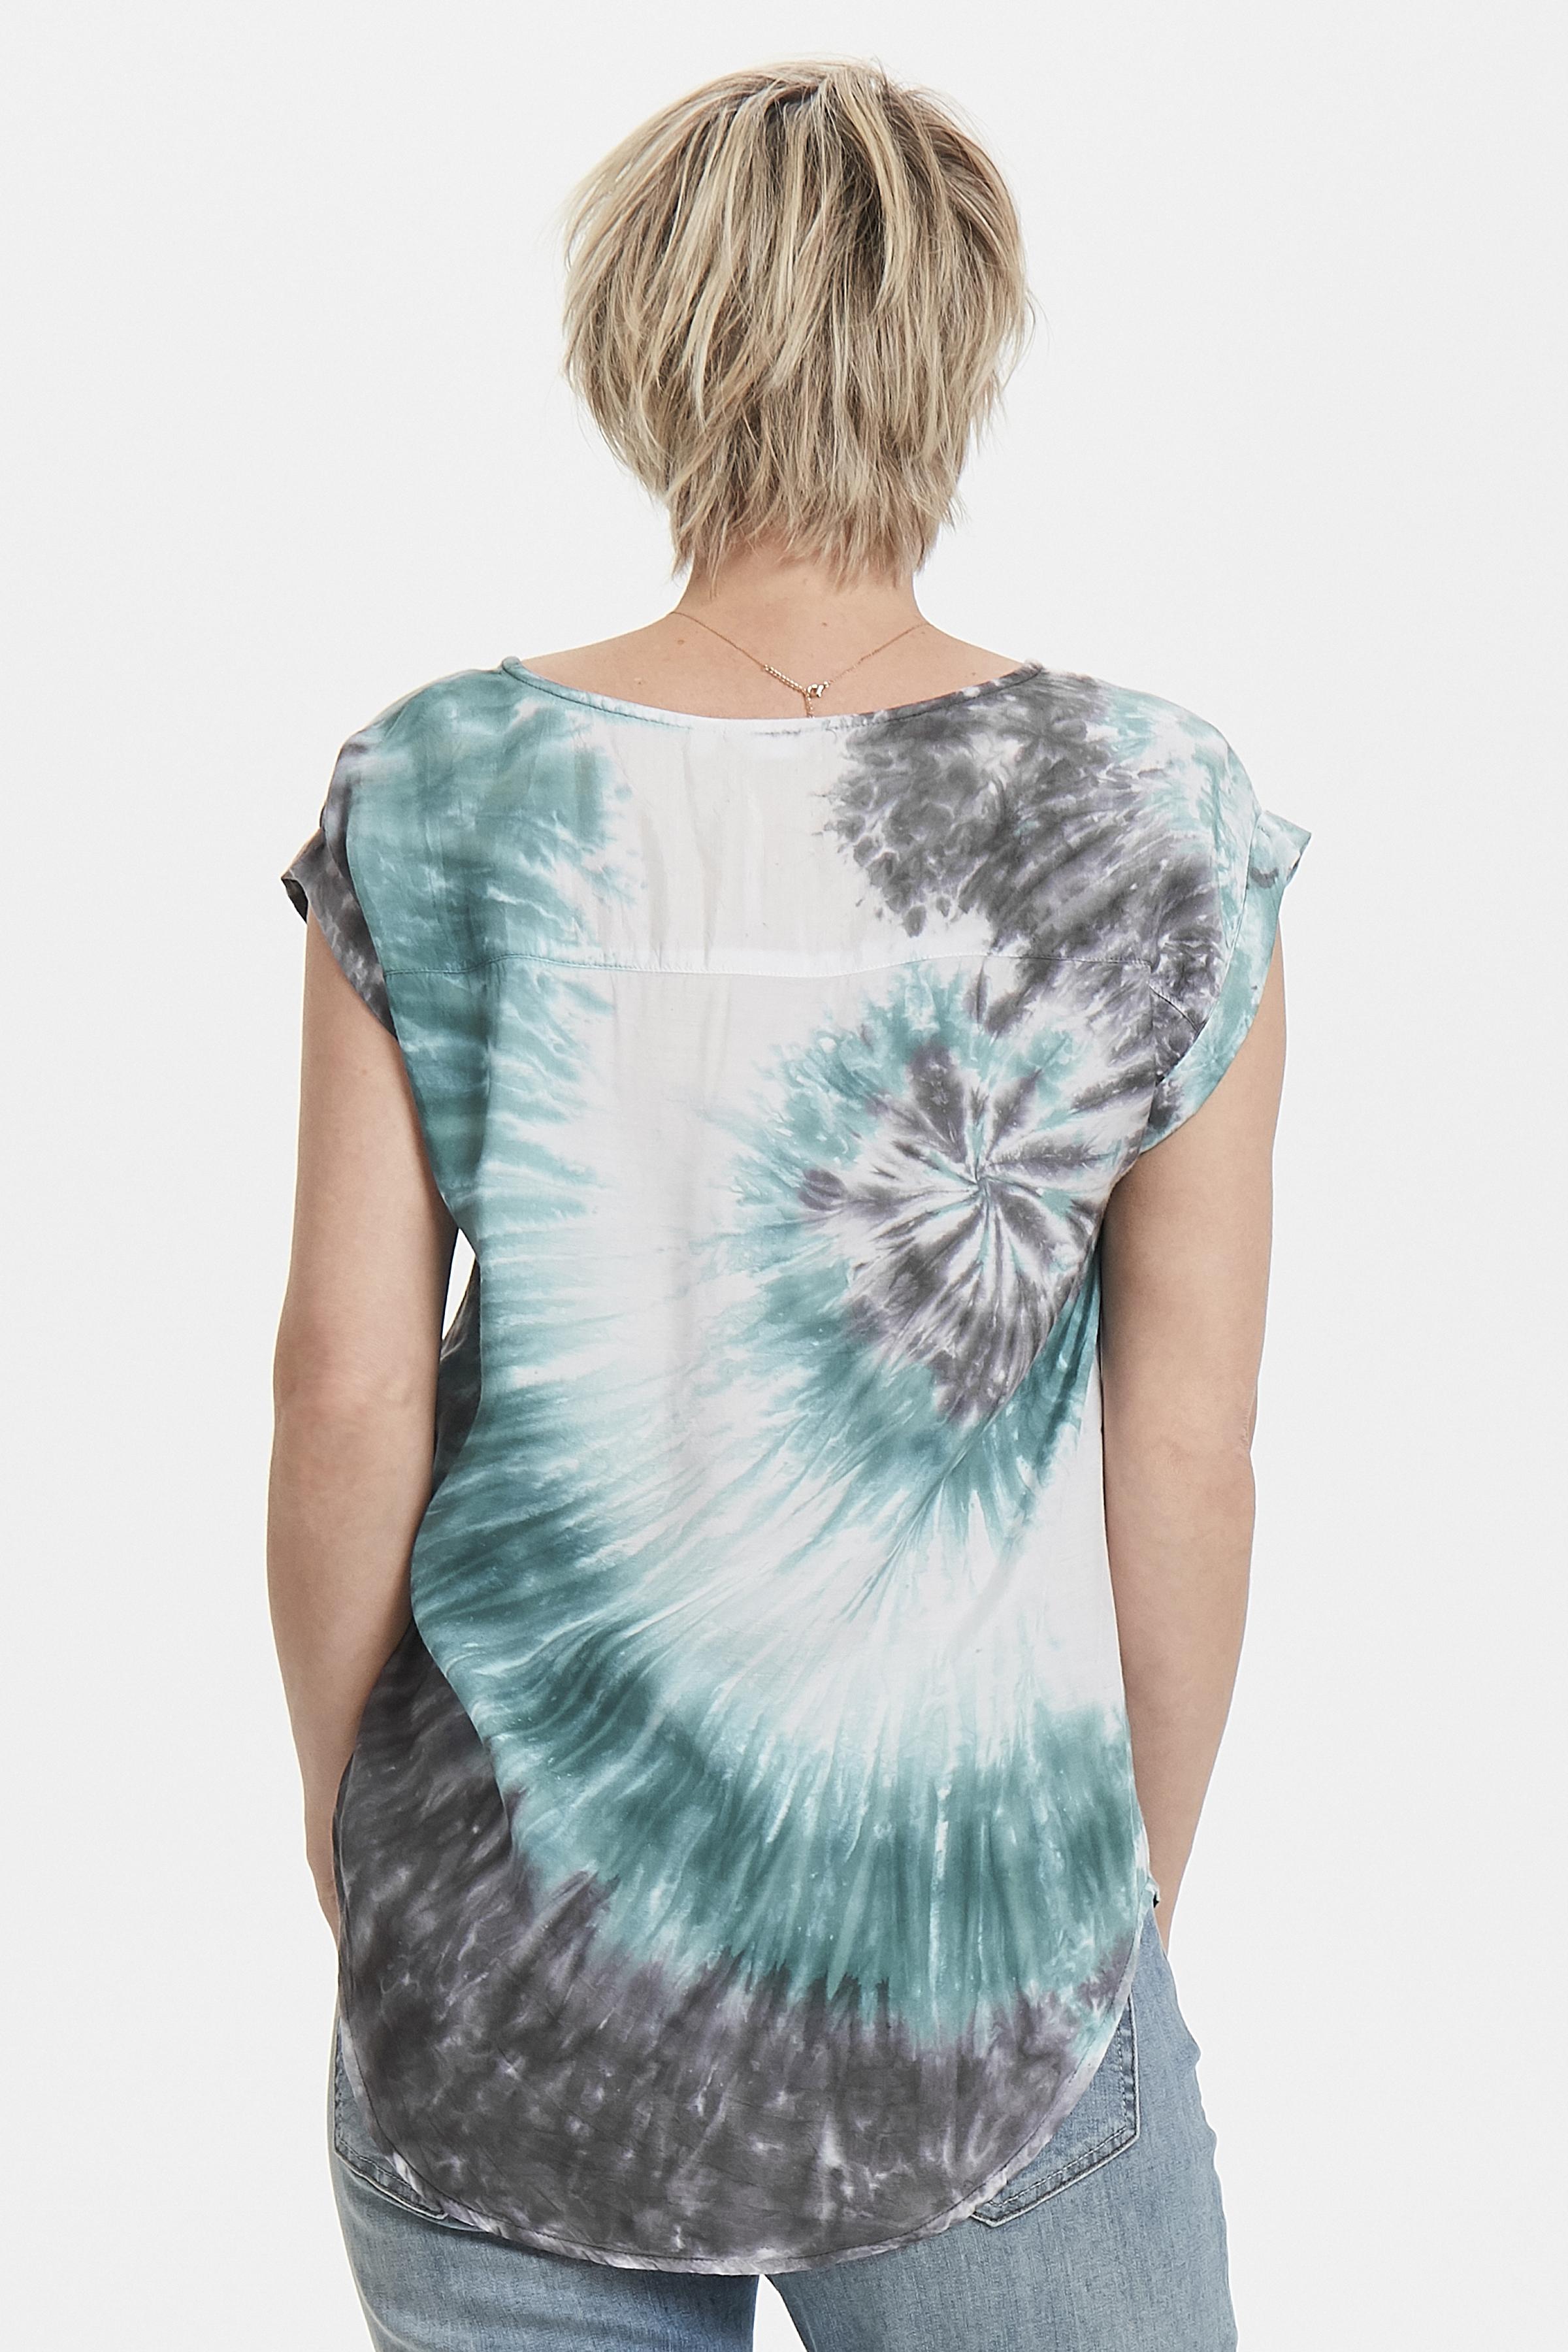 Misty blauw/donkergrijs Korte mouwen shirt  van Bon'A Parte – Door Misty blauw/donkergrijs Korte mouwen shirt  van maat. S-2XL hier